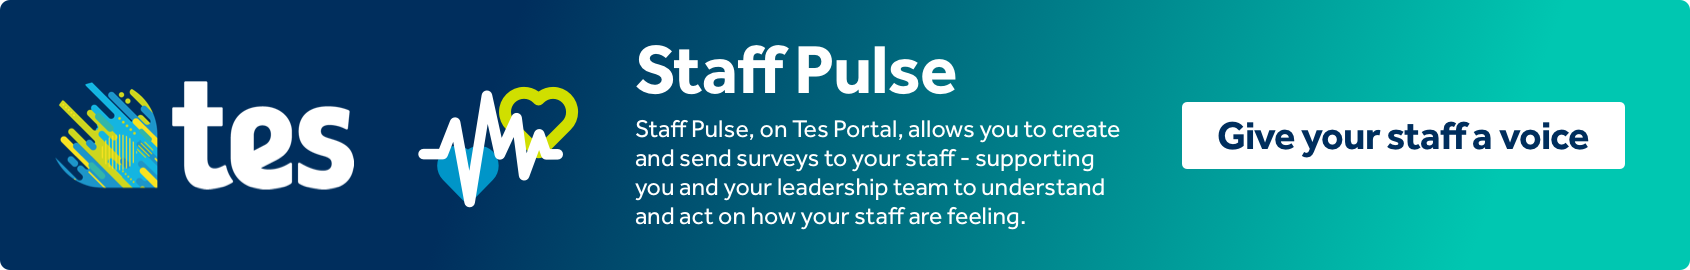 Staff Pulse